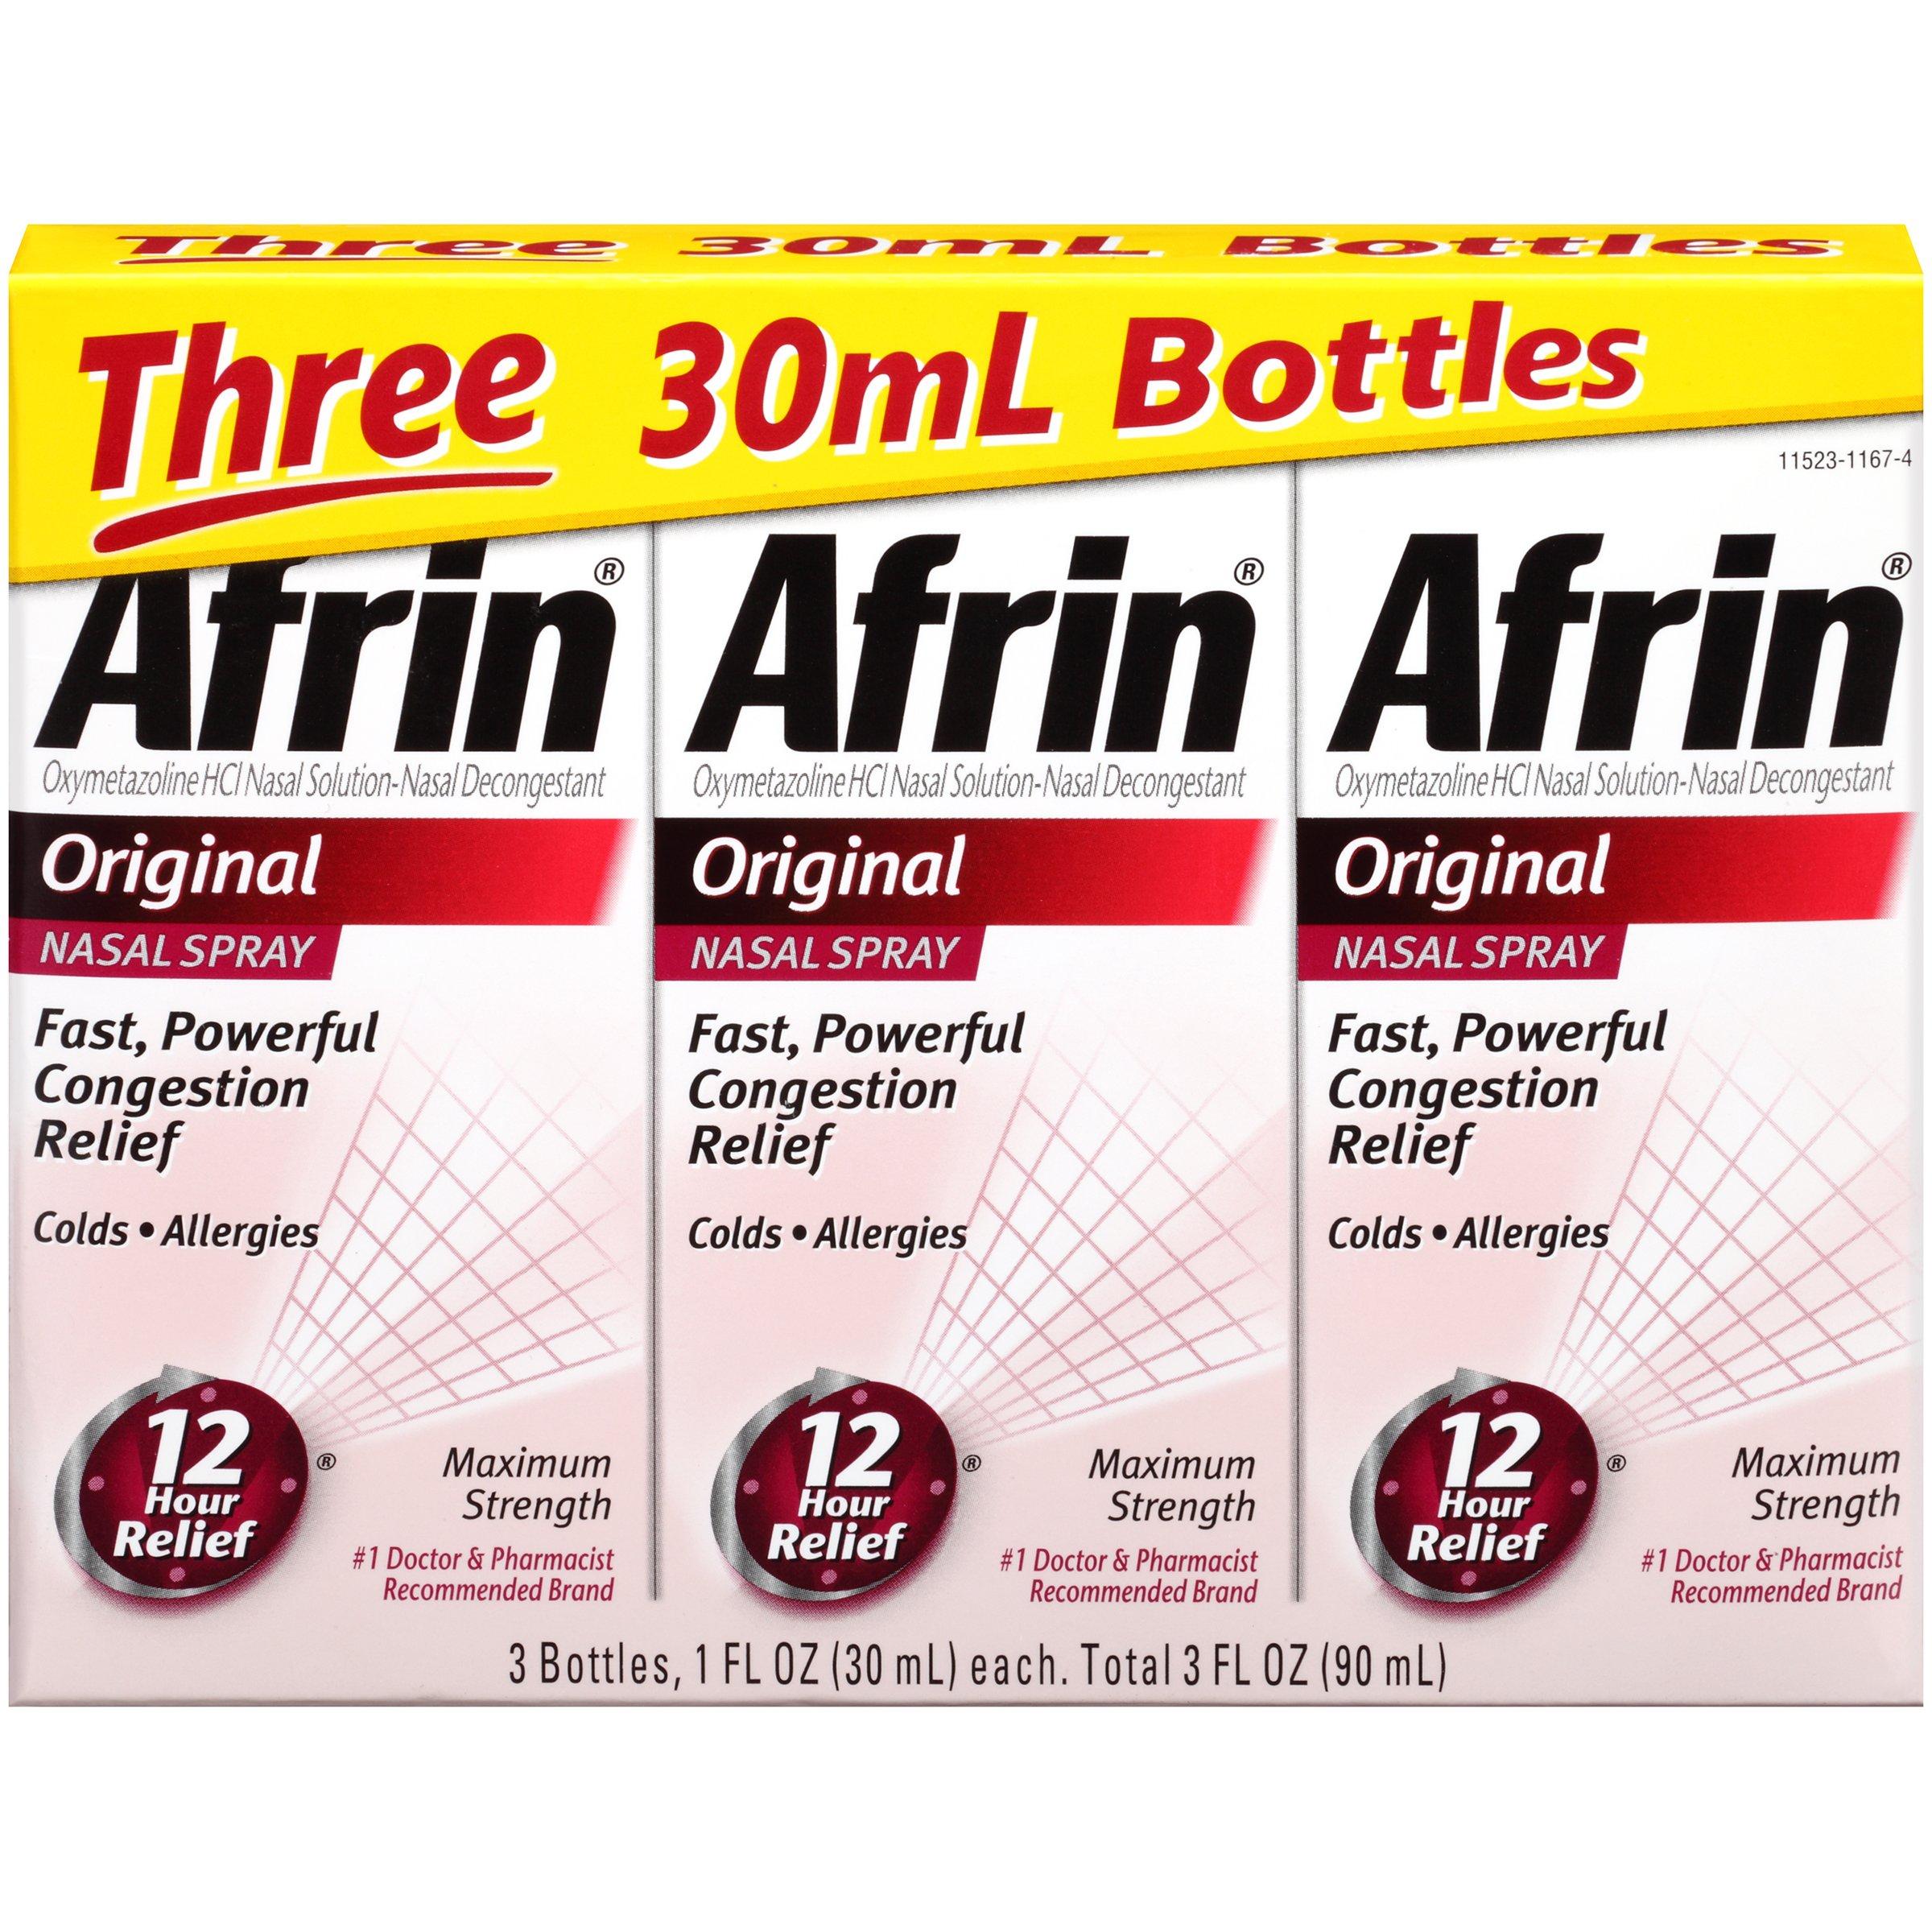 Afrin Original Nasal Spray, 3 Count by Afrin